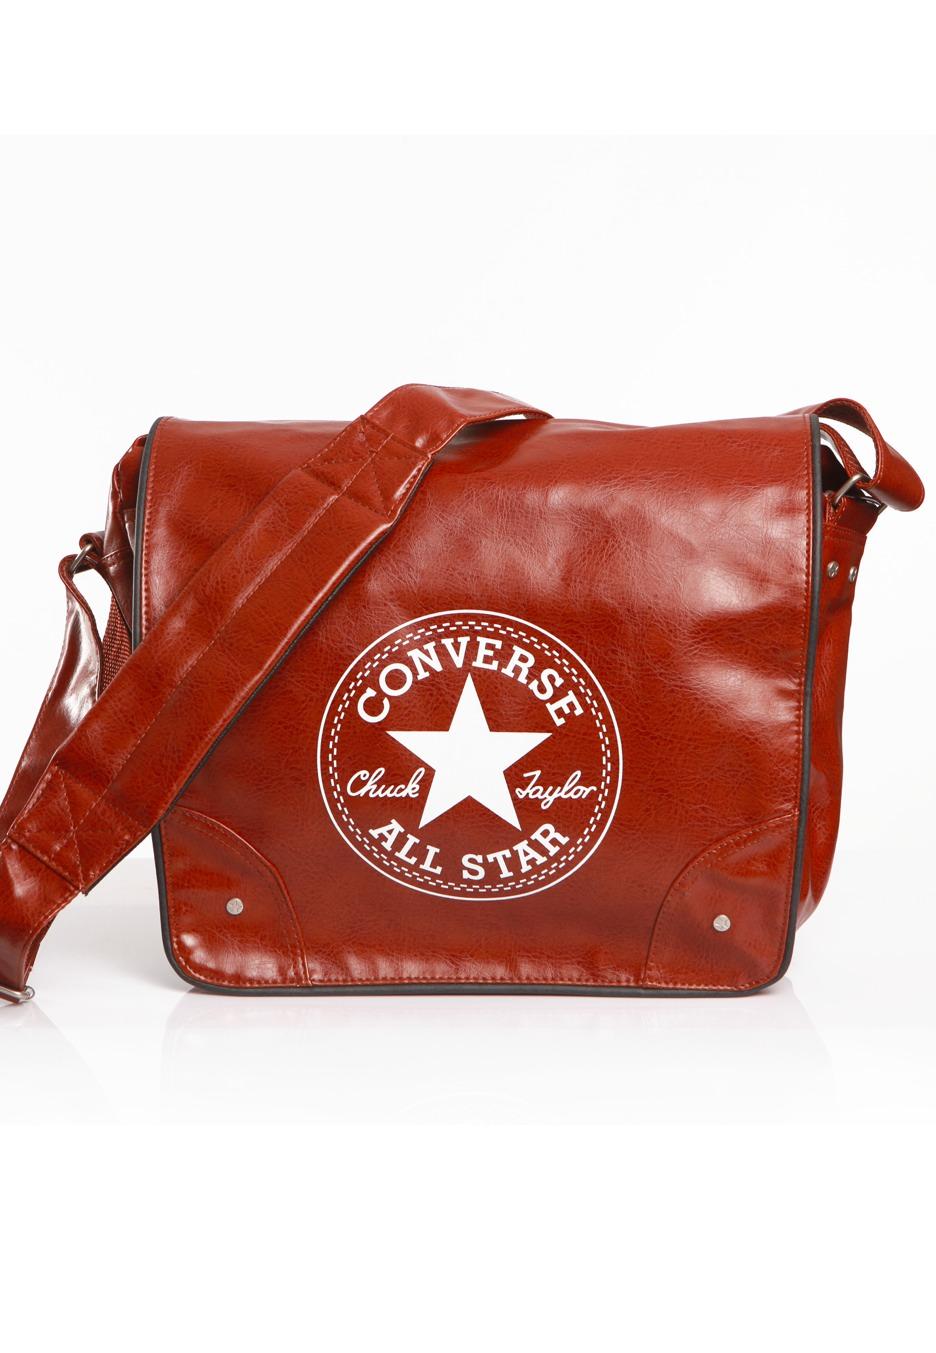 vintage converse bag